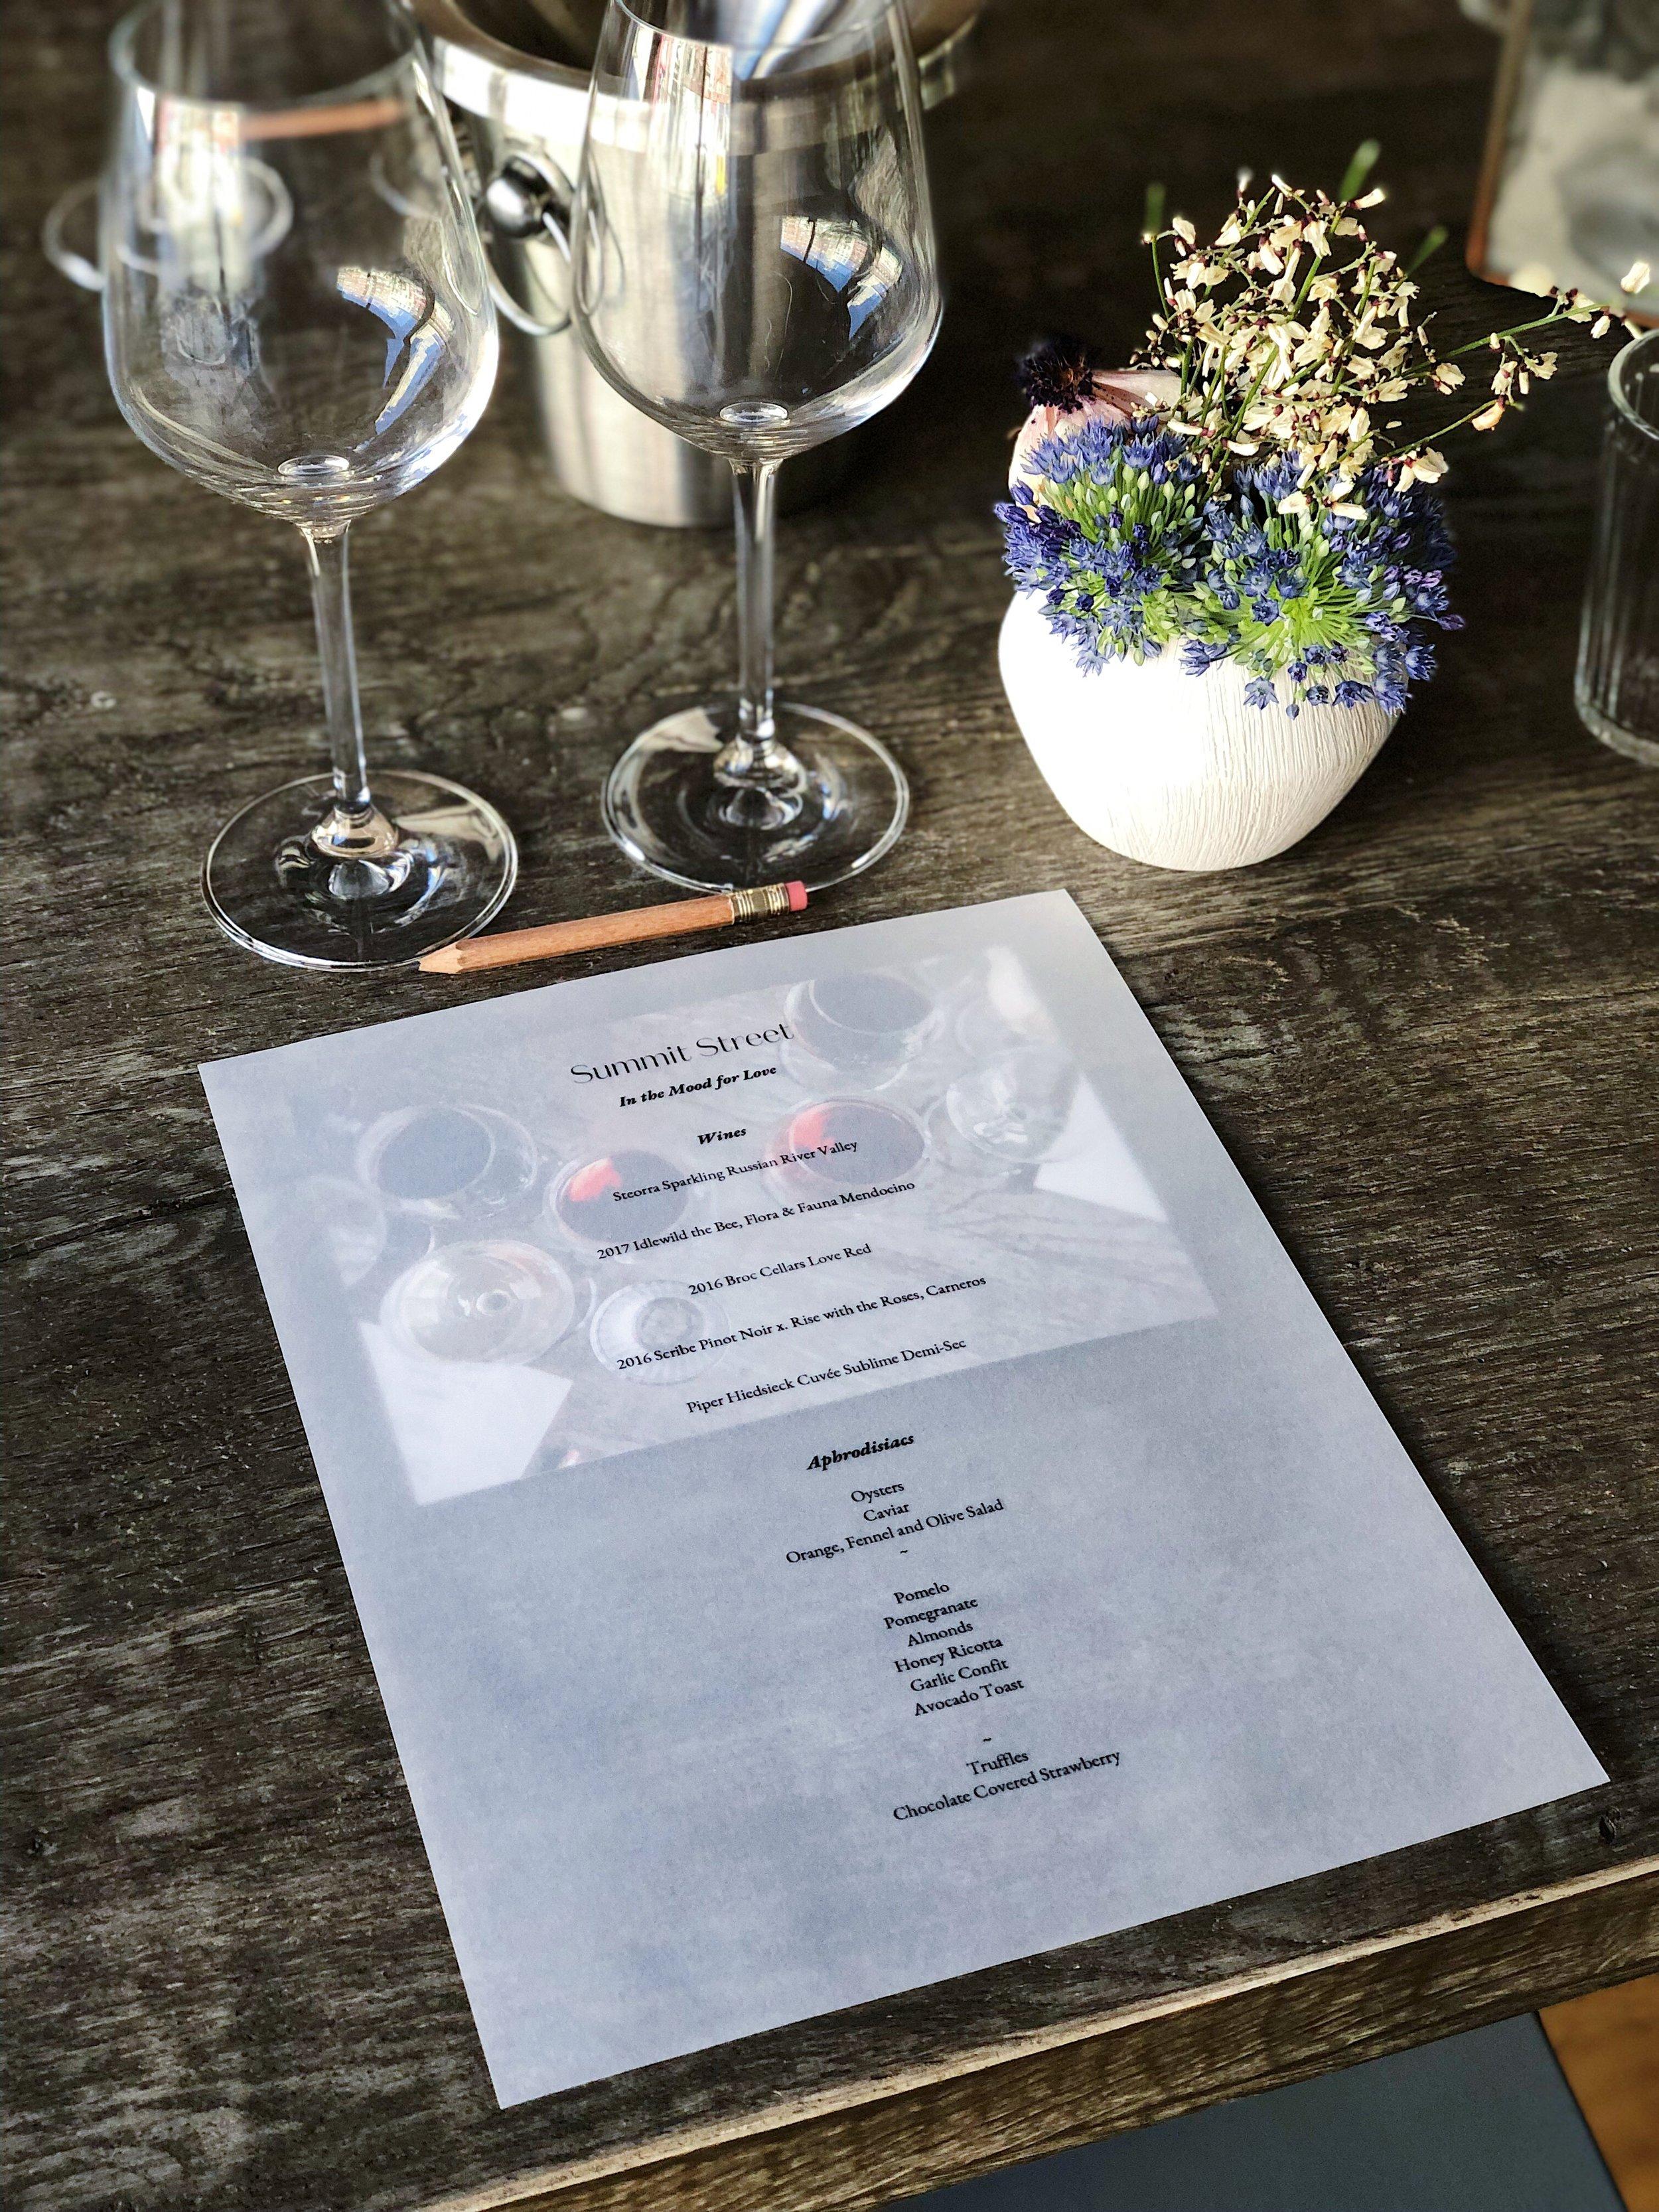 Valentines Day tasting menu.JPG